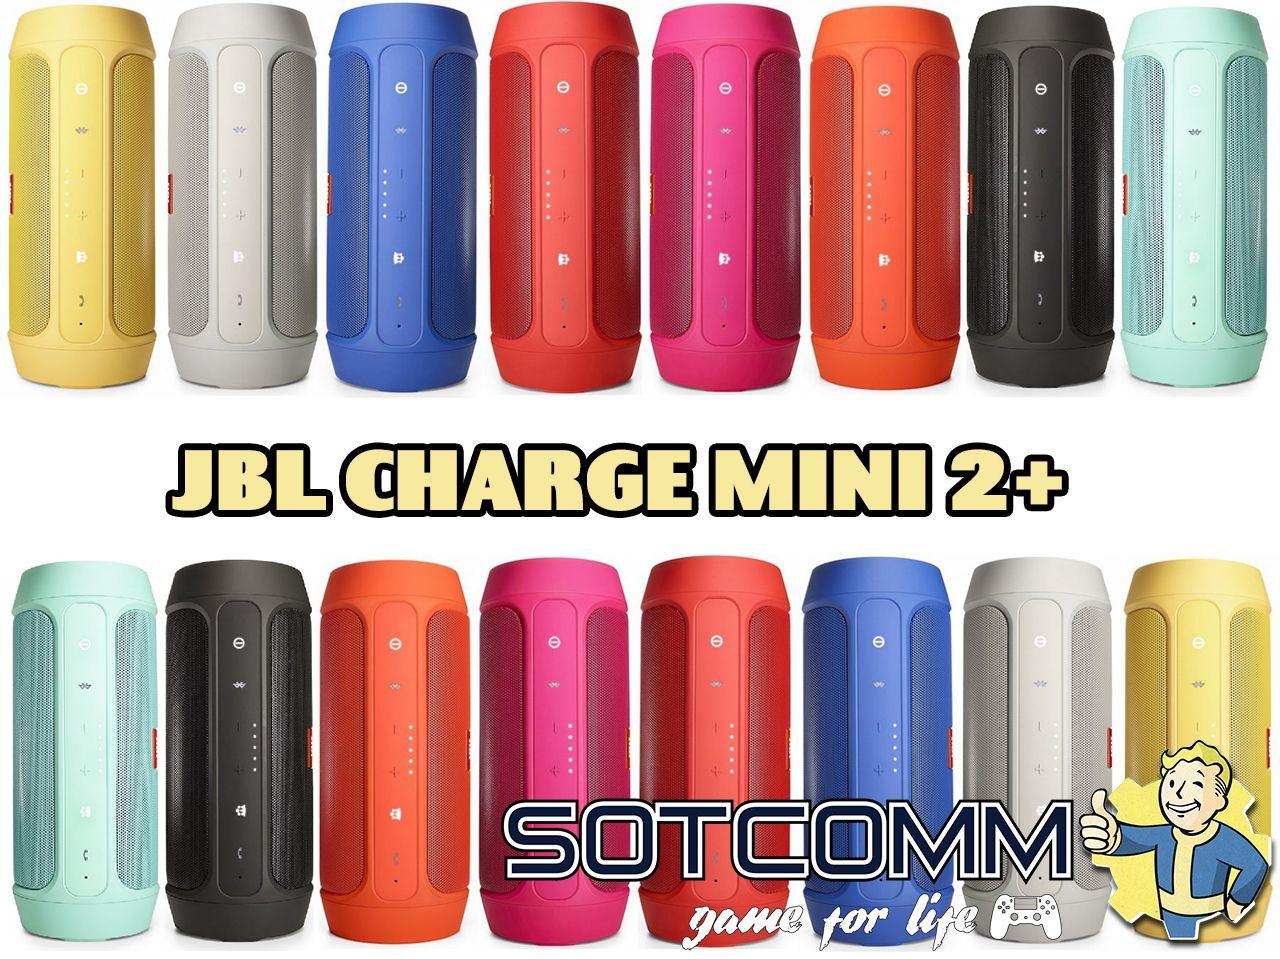 JBL Charge Mini 2+